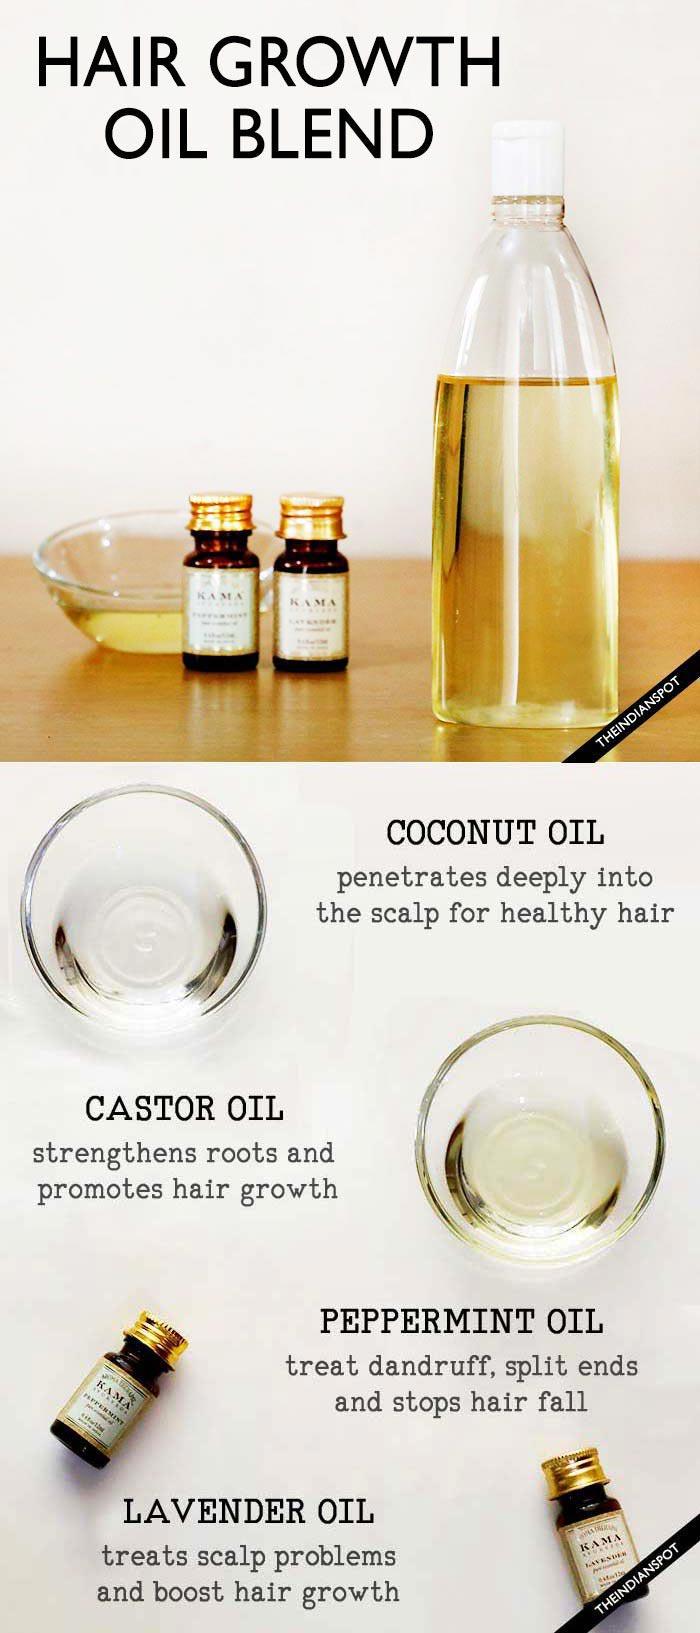 COCONUT HAIR GROWTH OIL FOR LONG SHINY HAIR